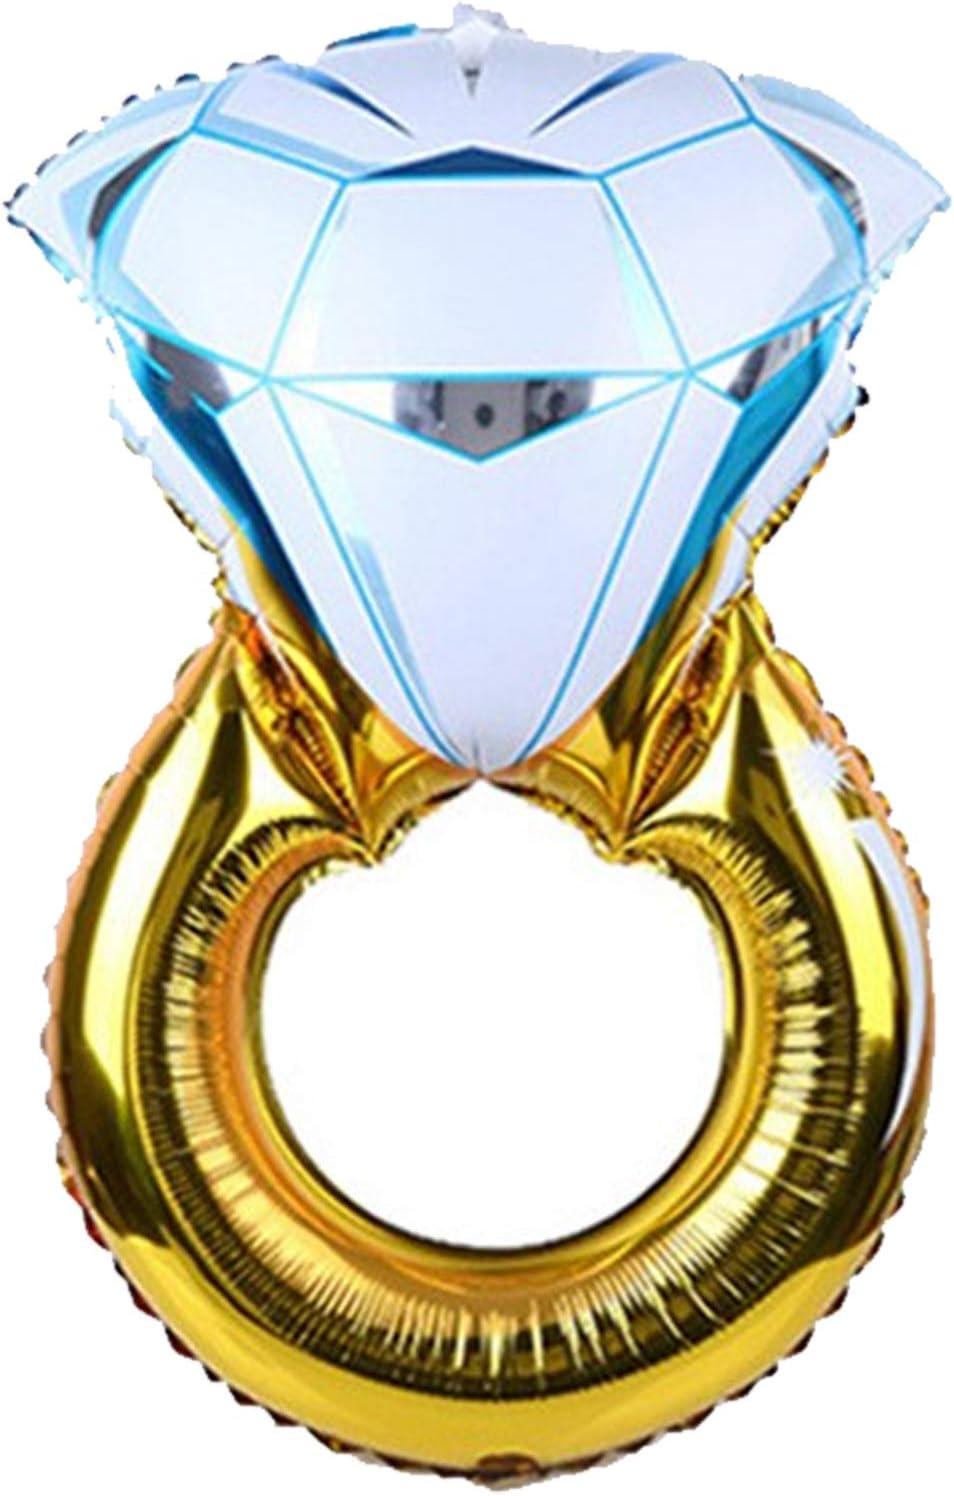 ETCBUYS Globos Anillo de Diamantes - Compromiso Matrimonio de Bodas Foil Balloon - Fiesta de cumpleaños Adulto Niños Evento Fiesta Nupcial Suministros - de Accesorios de Vino